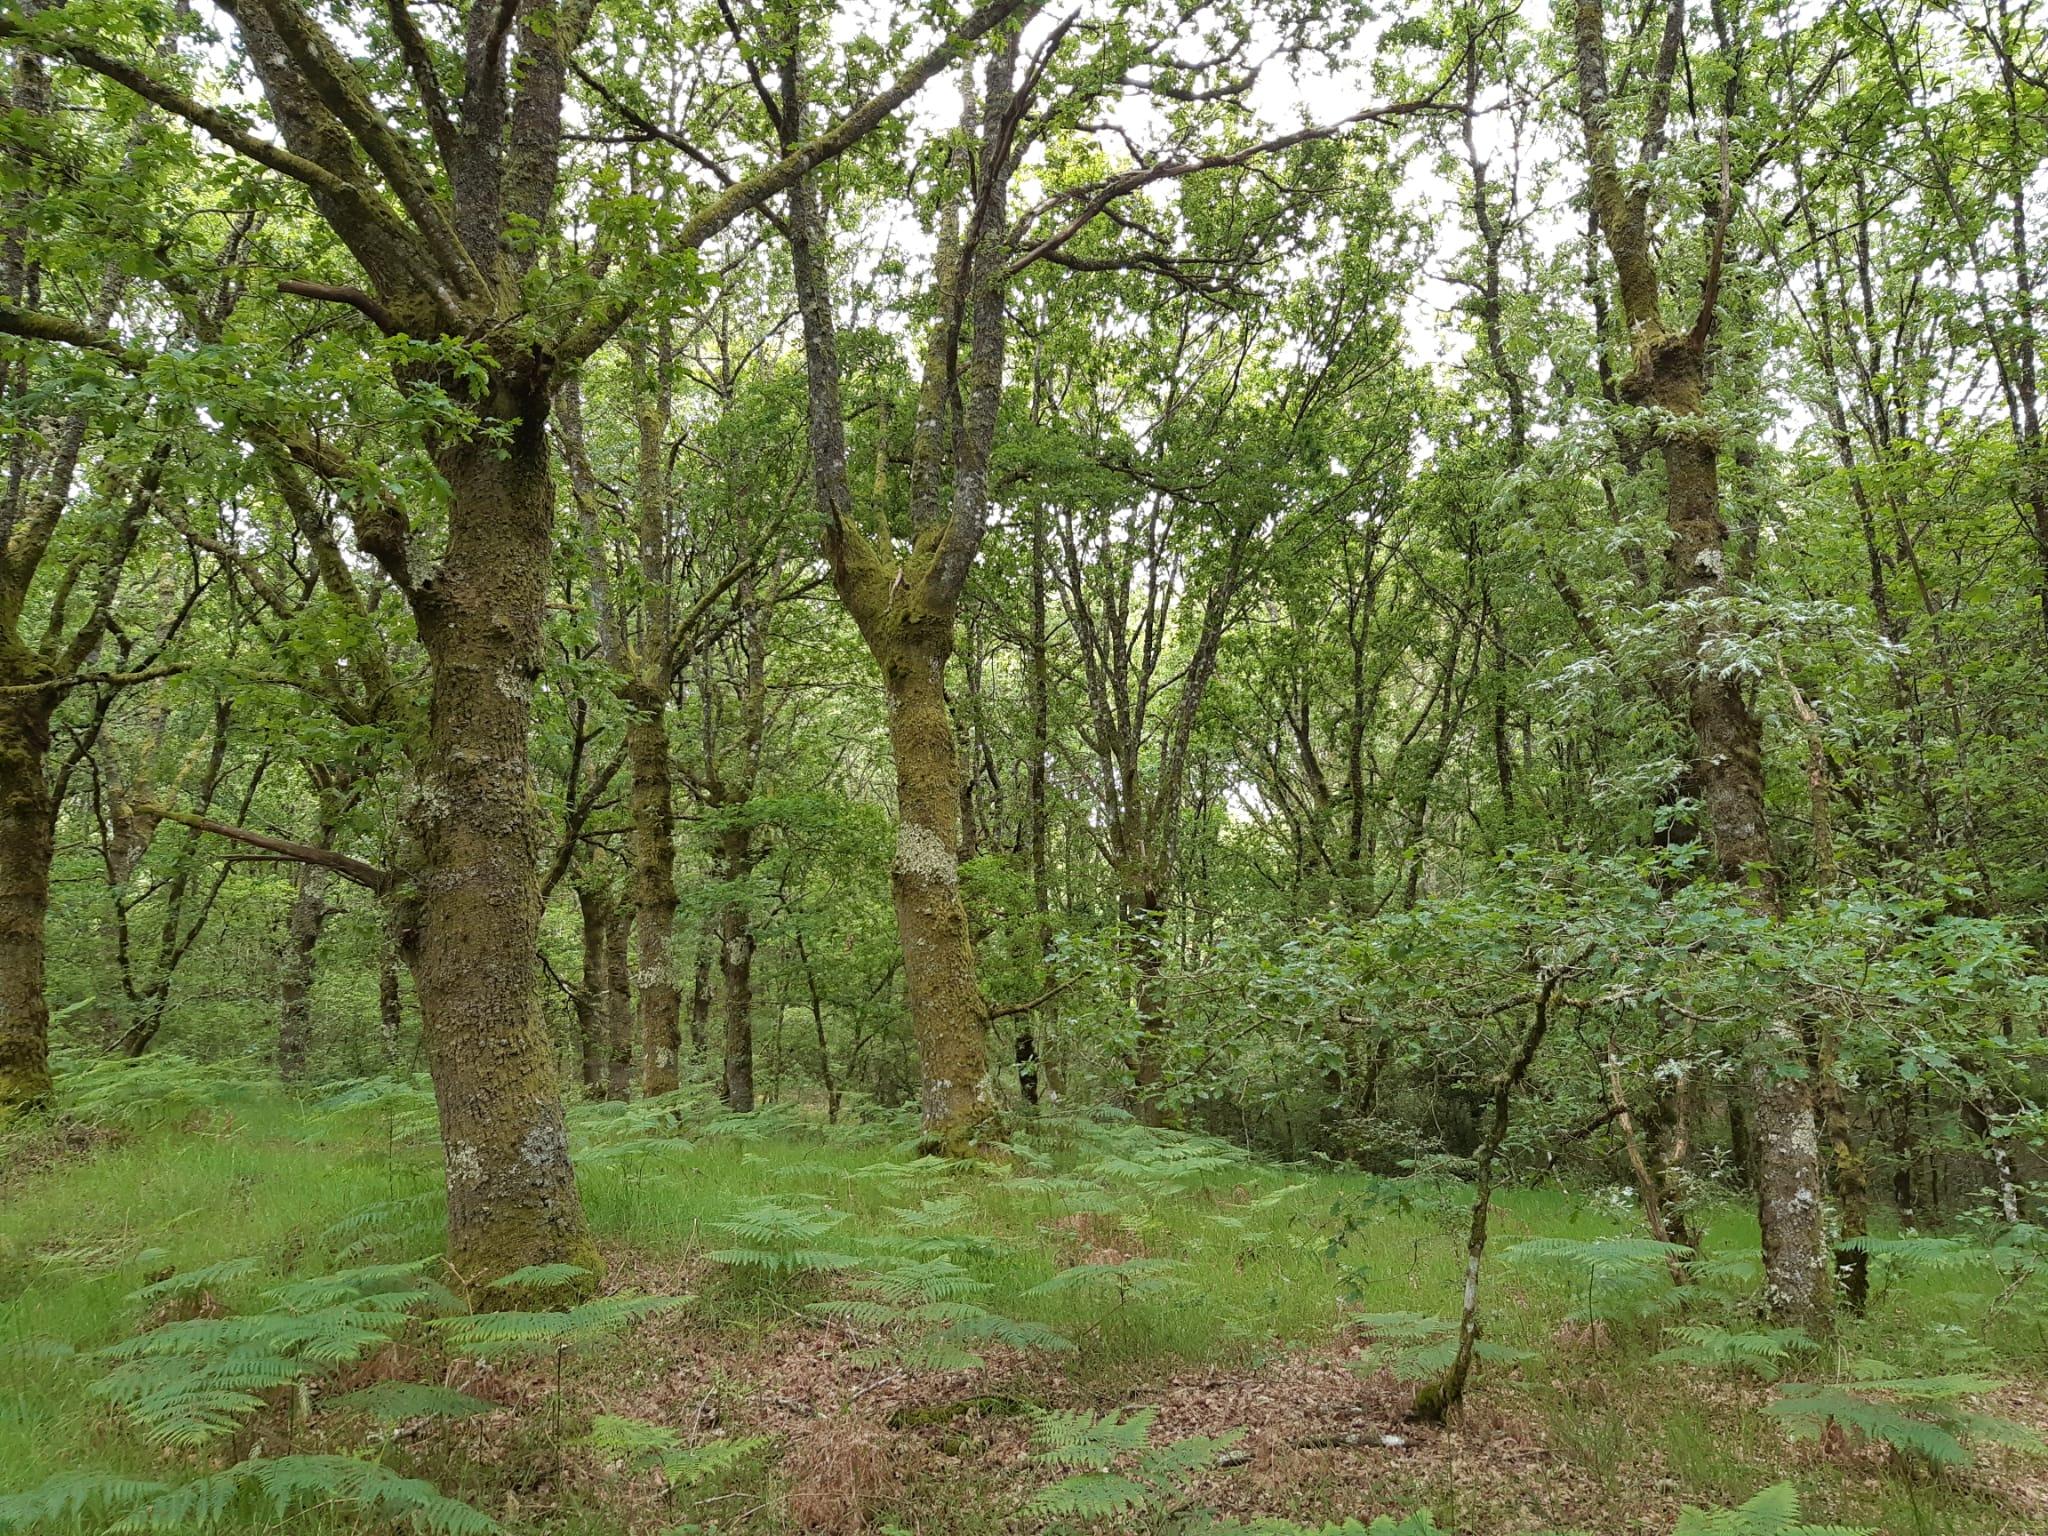 Parque Central de Galicia en Antas de Ulla